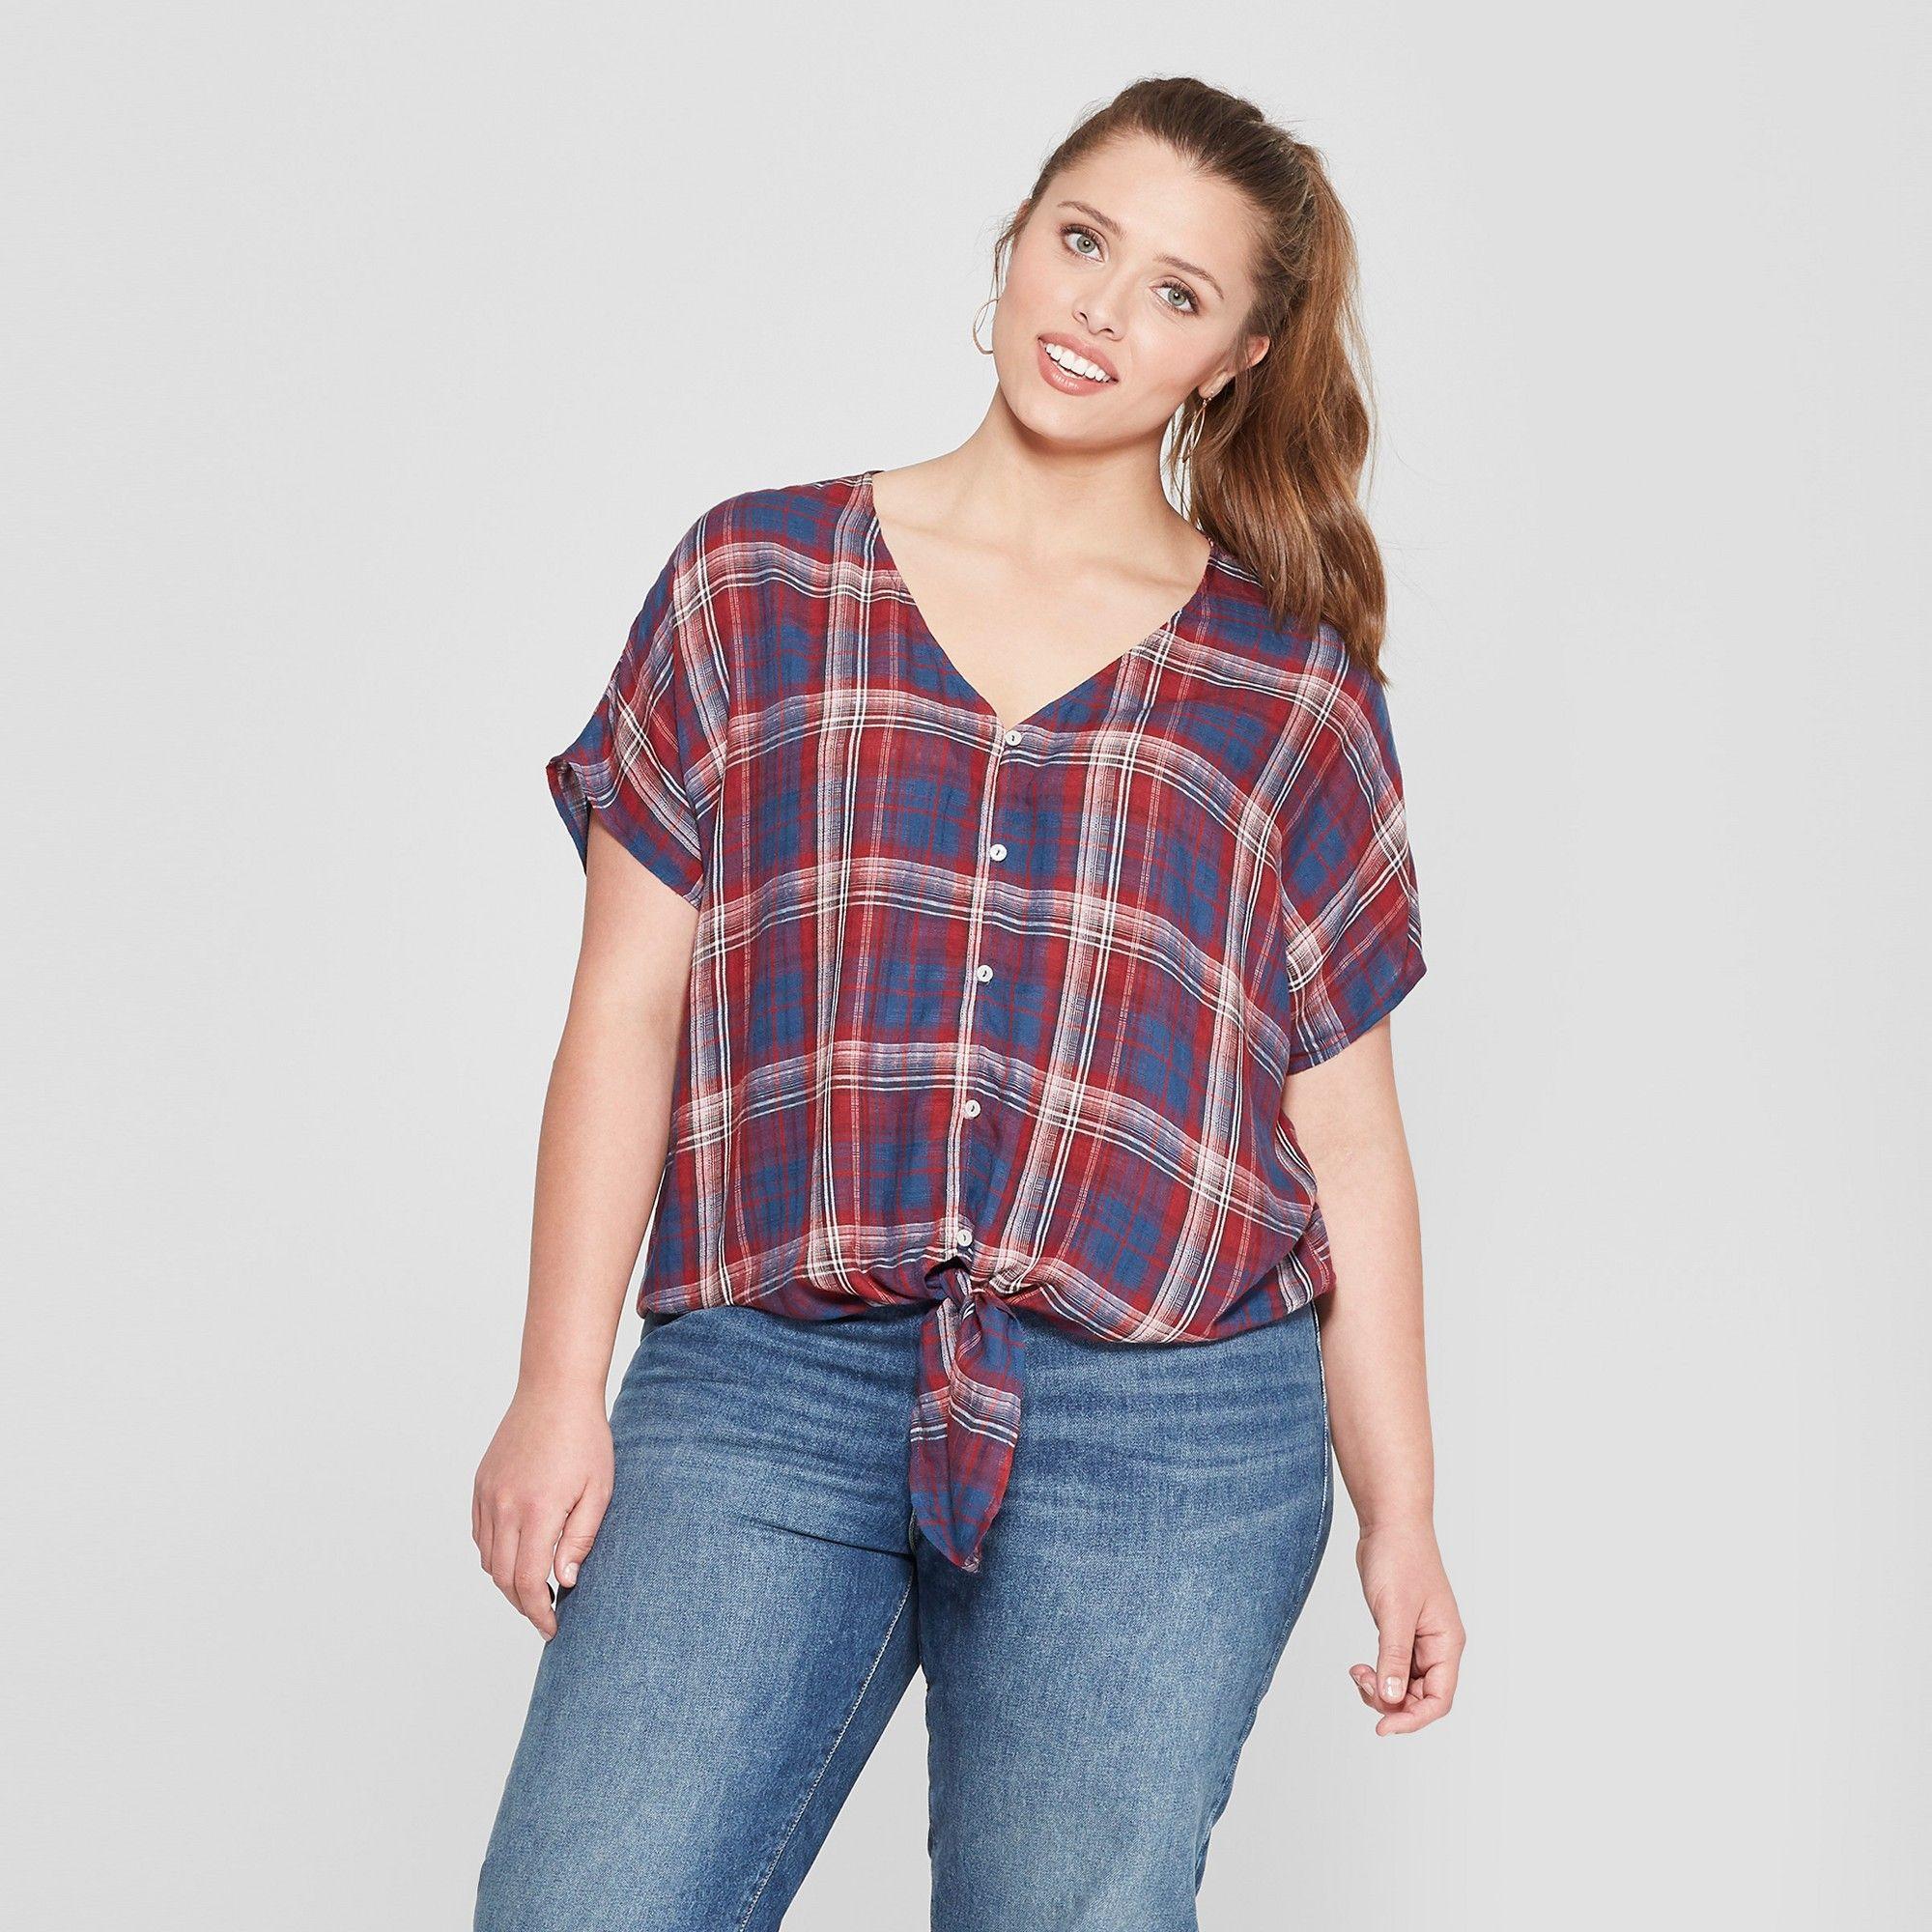 c34a2de55d8ccc Women's Plus Size Plaid Tie Front Short Sleeve Top - Universal Thread  Blue/Red 1X